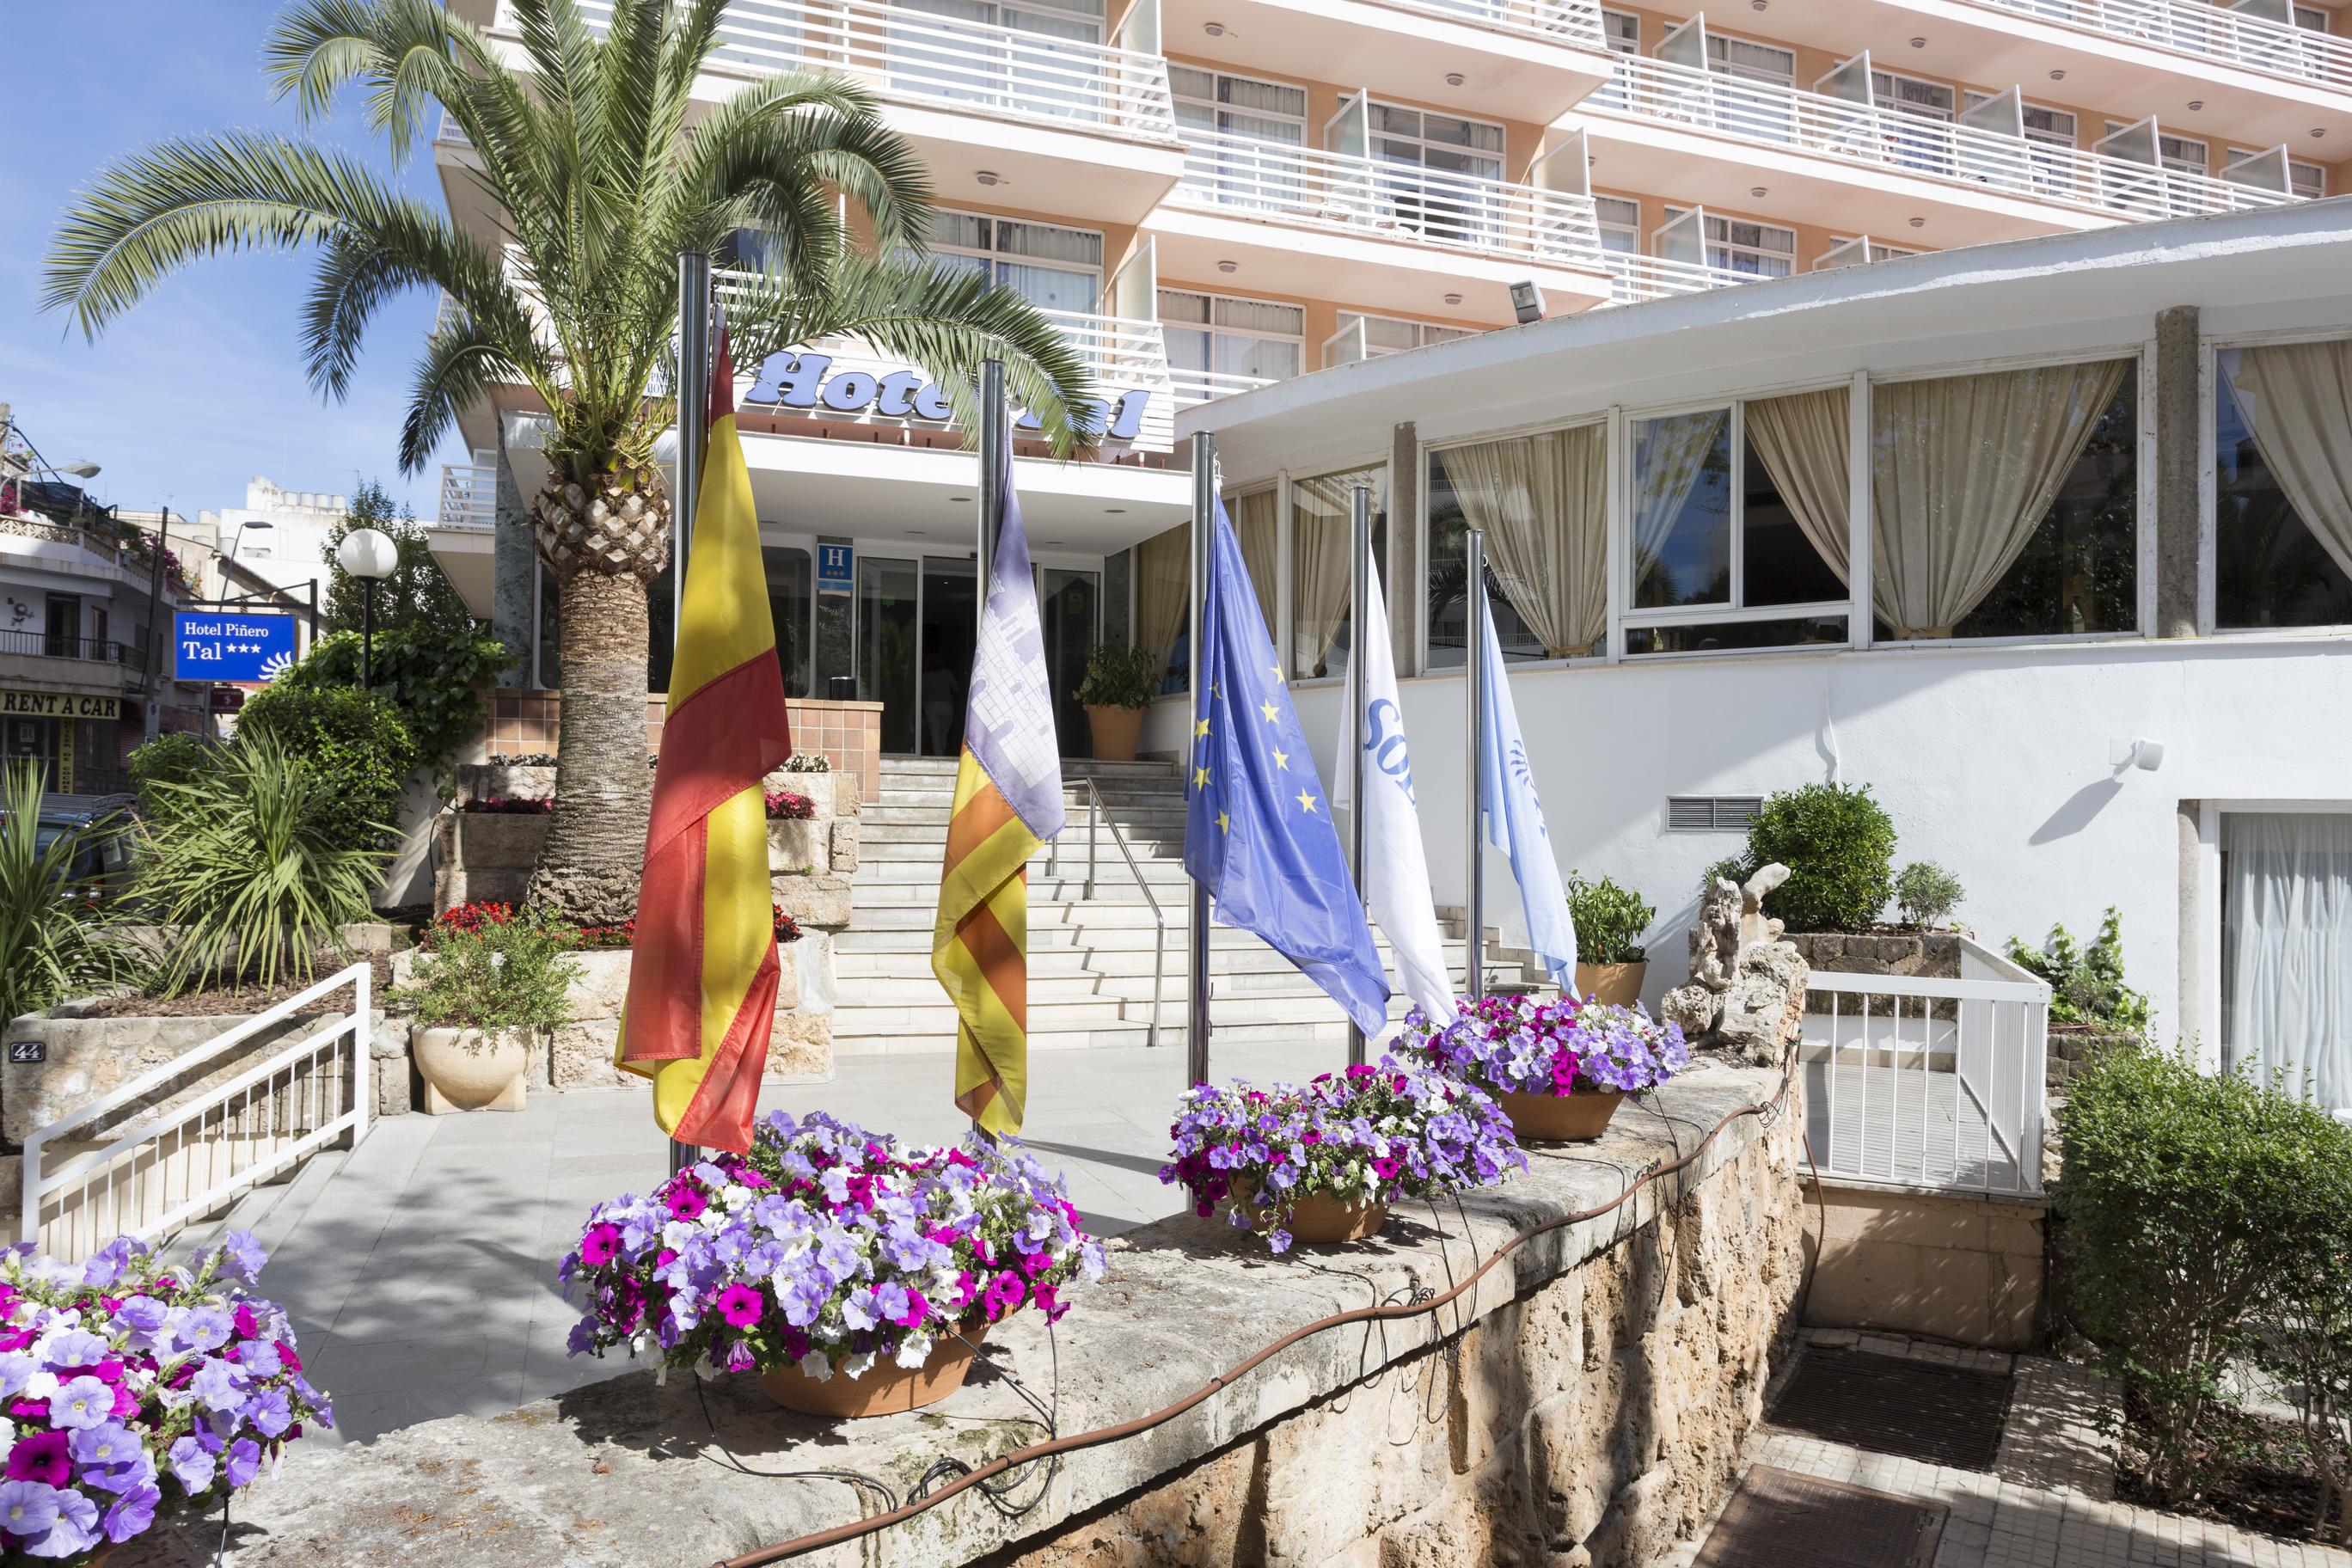 Hotel pinero tal in el arenal s arenal holidaycheck - El taller de pinero ...